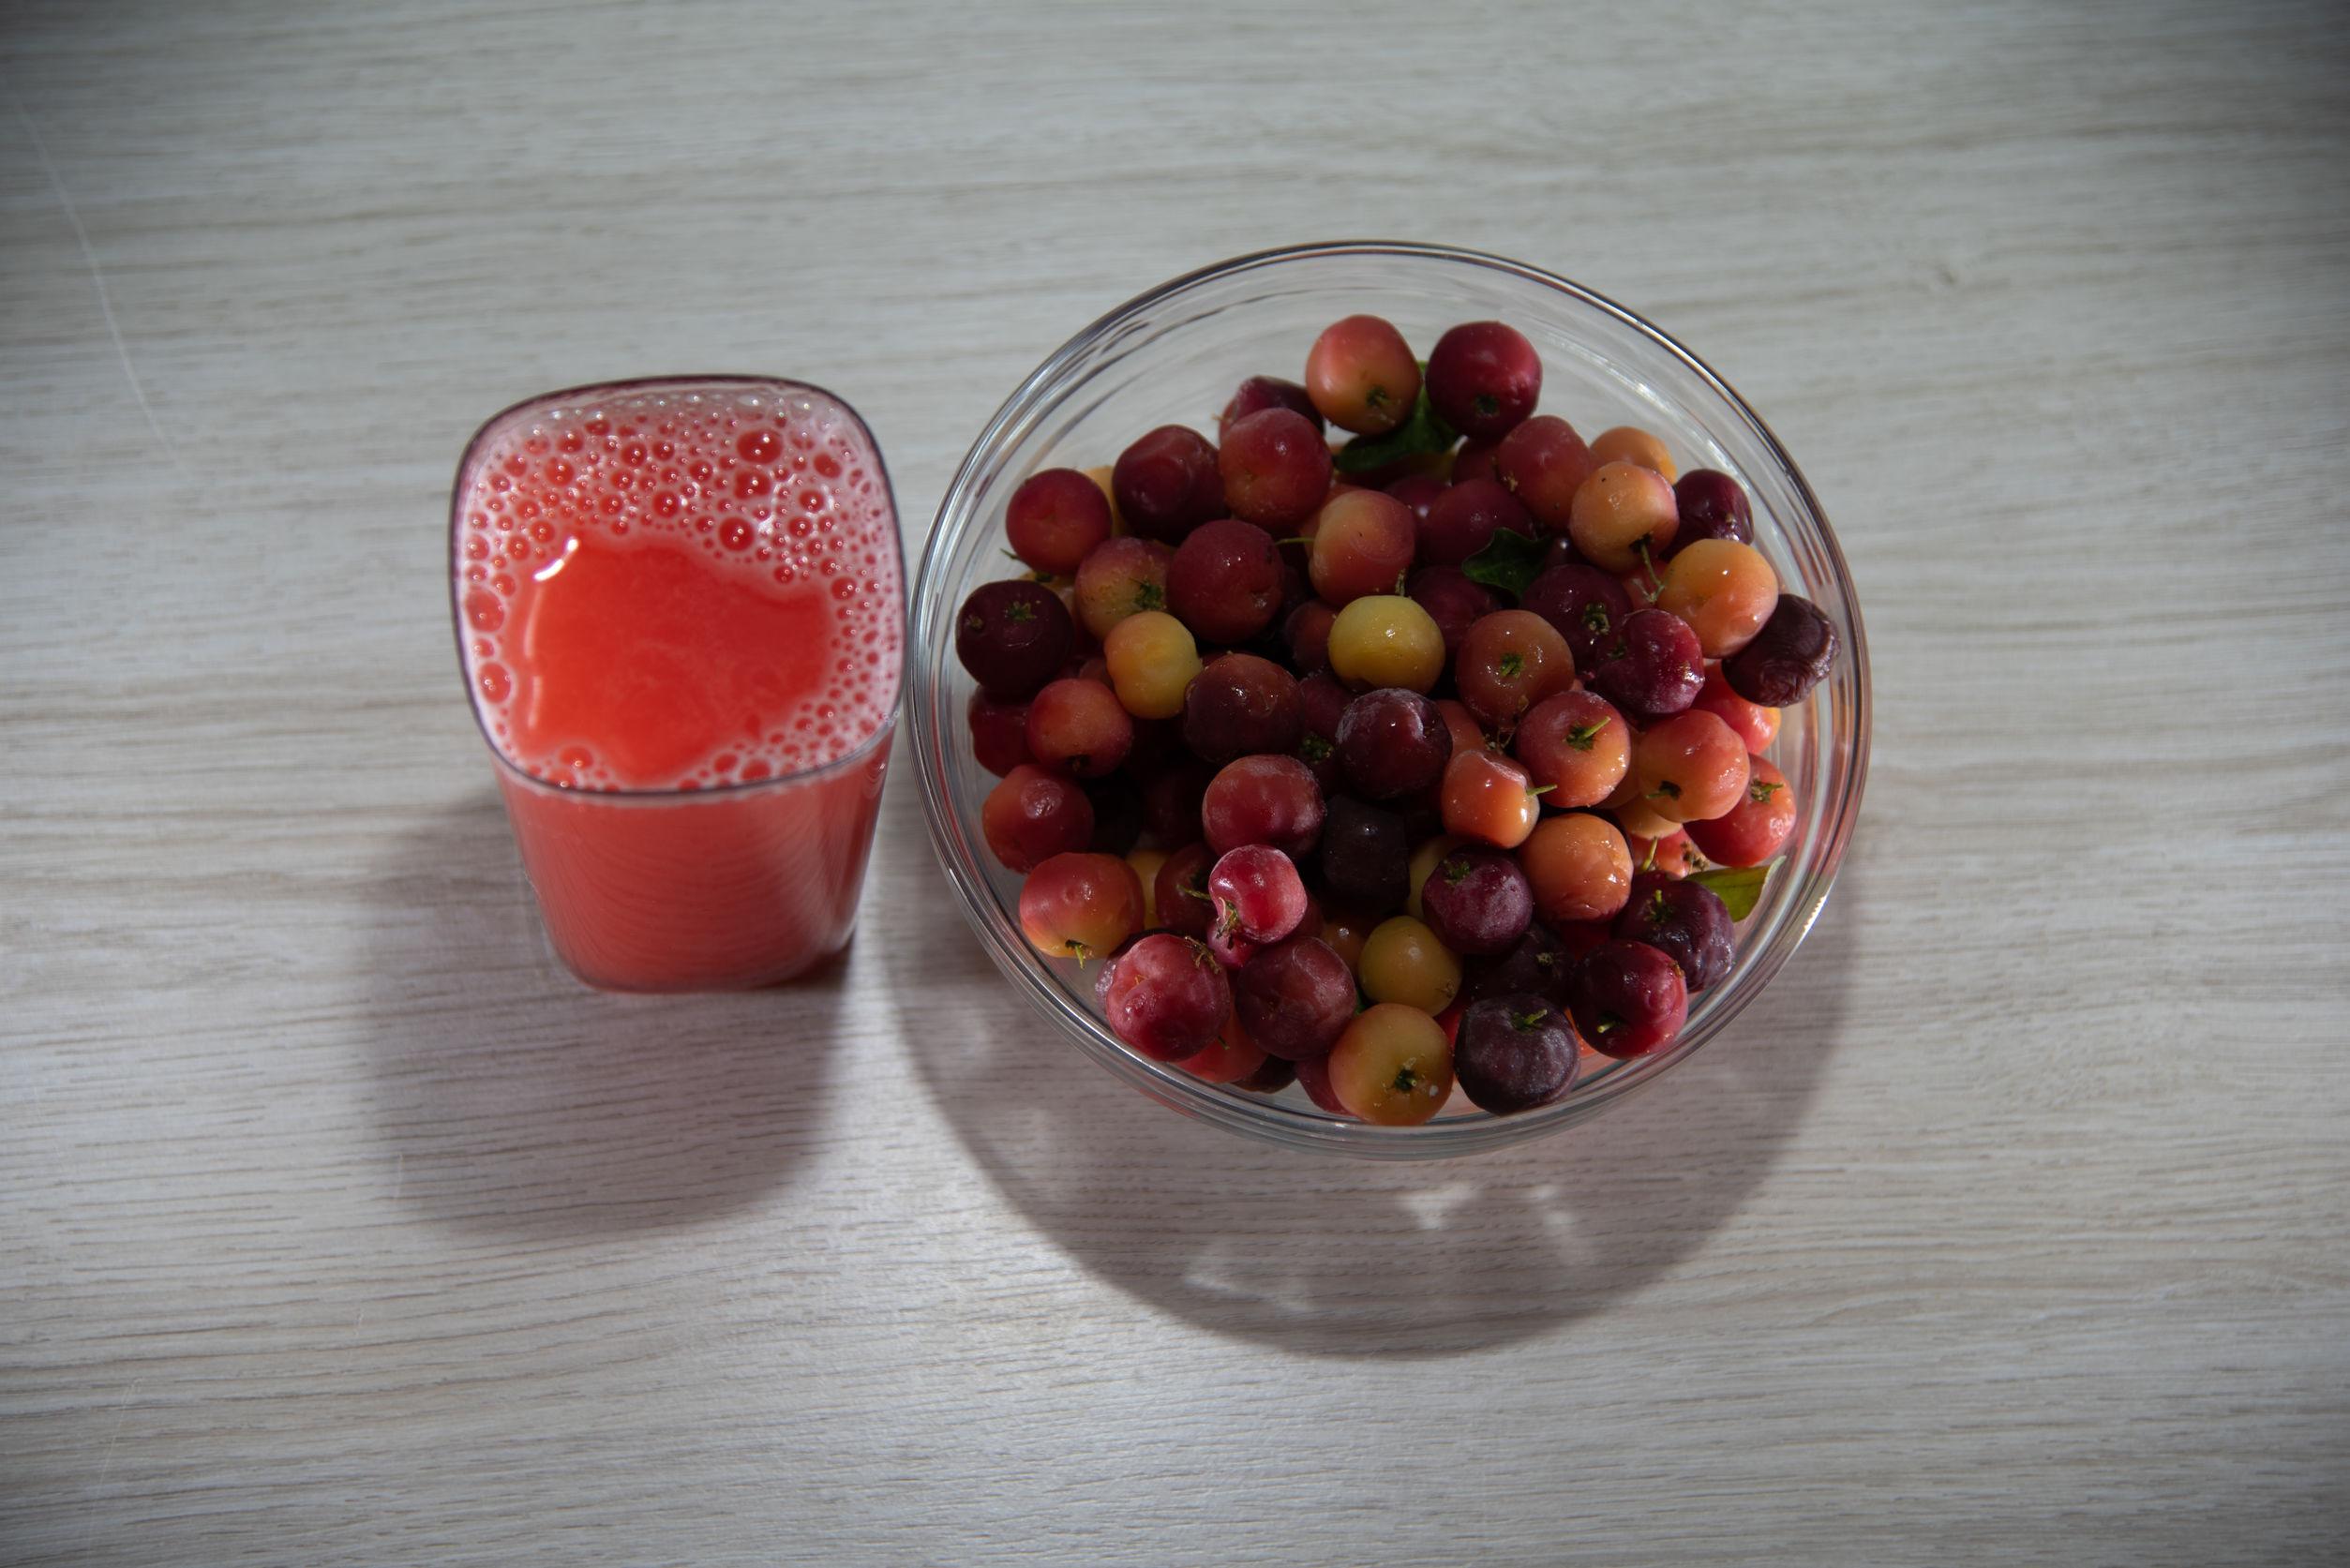 La acerola es una fruta rica en vitamina C, muy utilizada en jugos y helados.